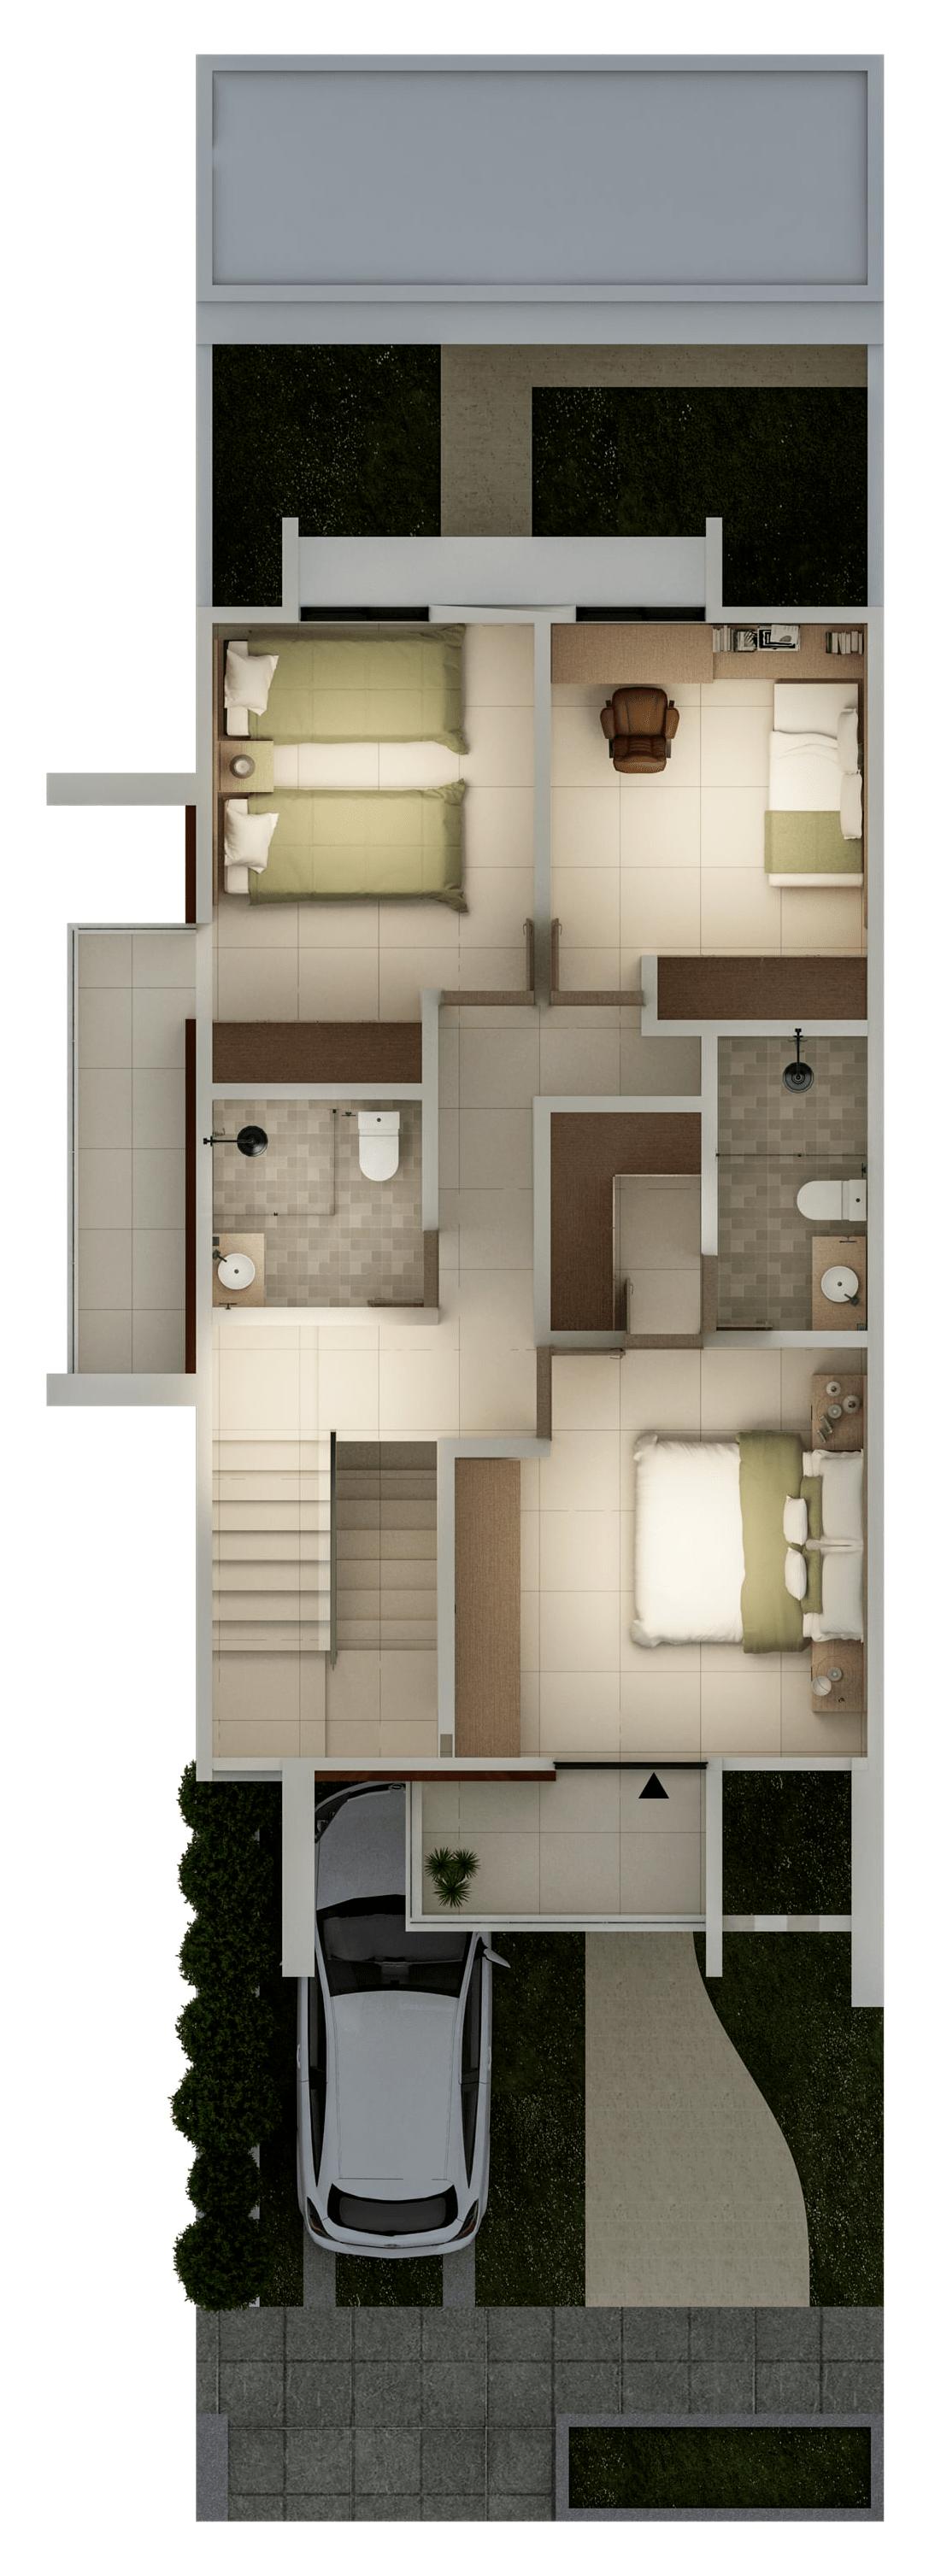 casa_planta_piso_2-min